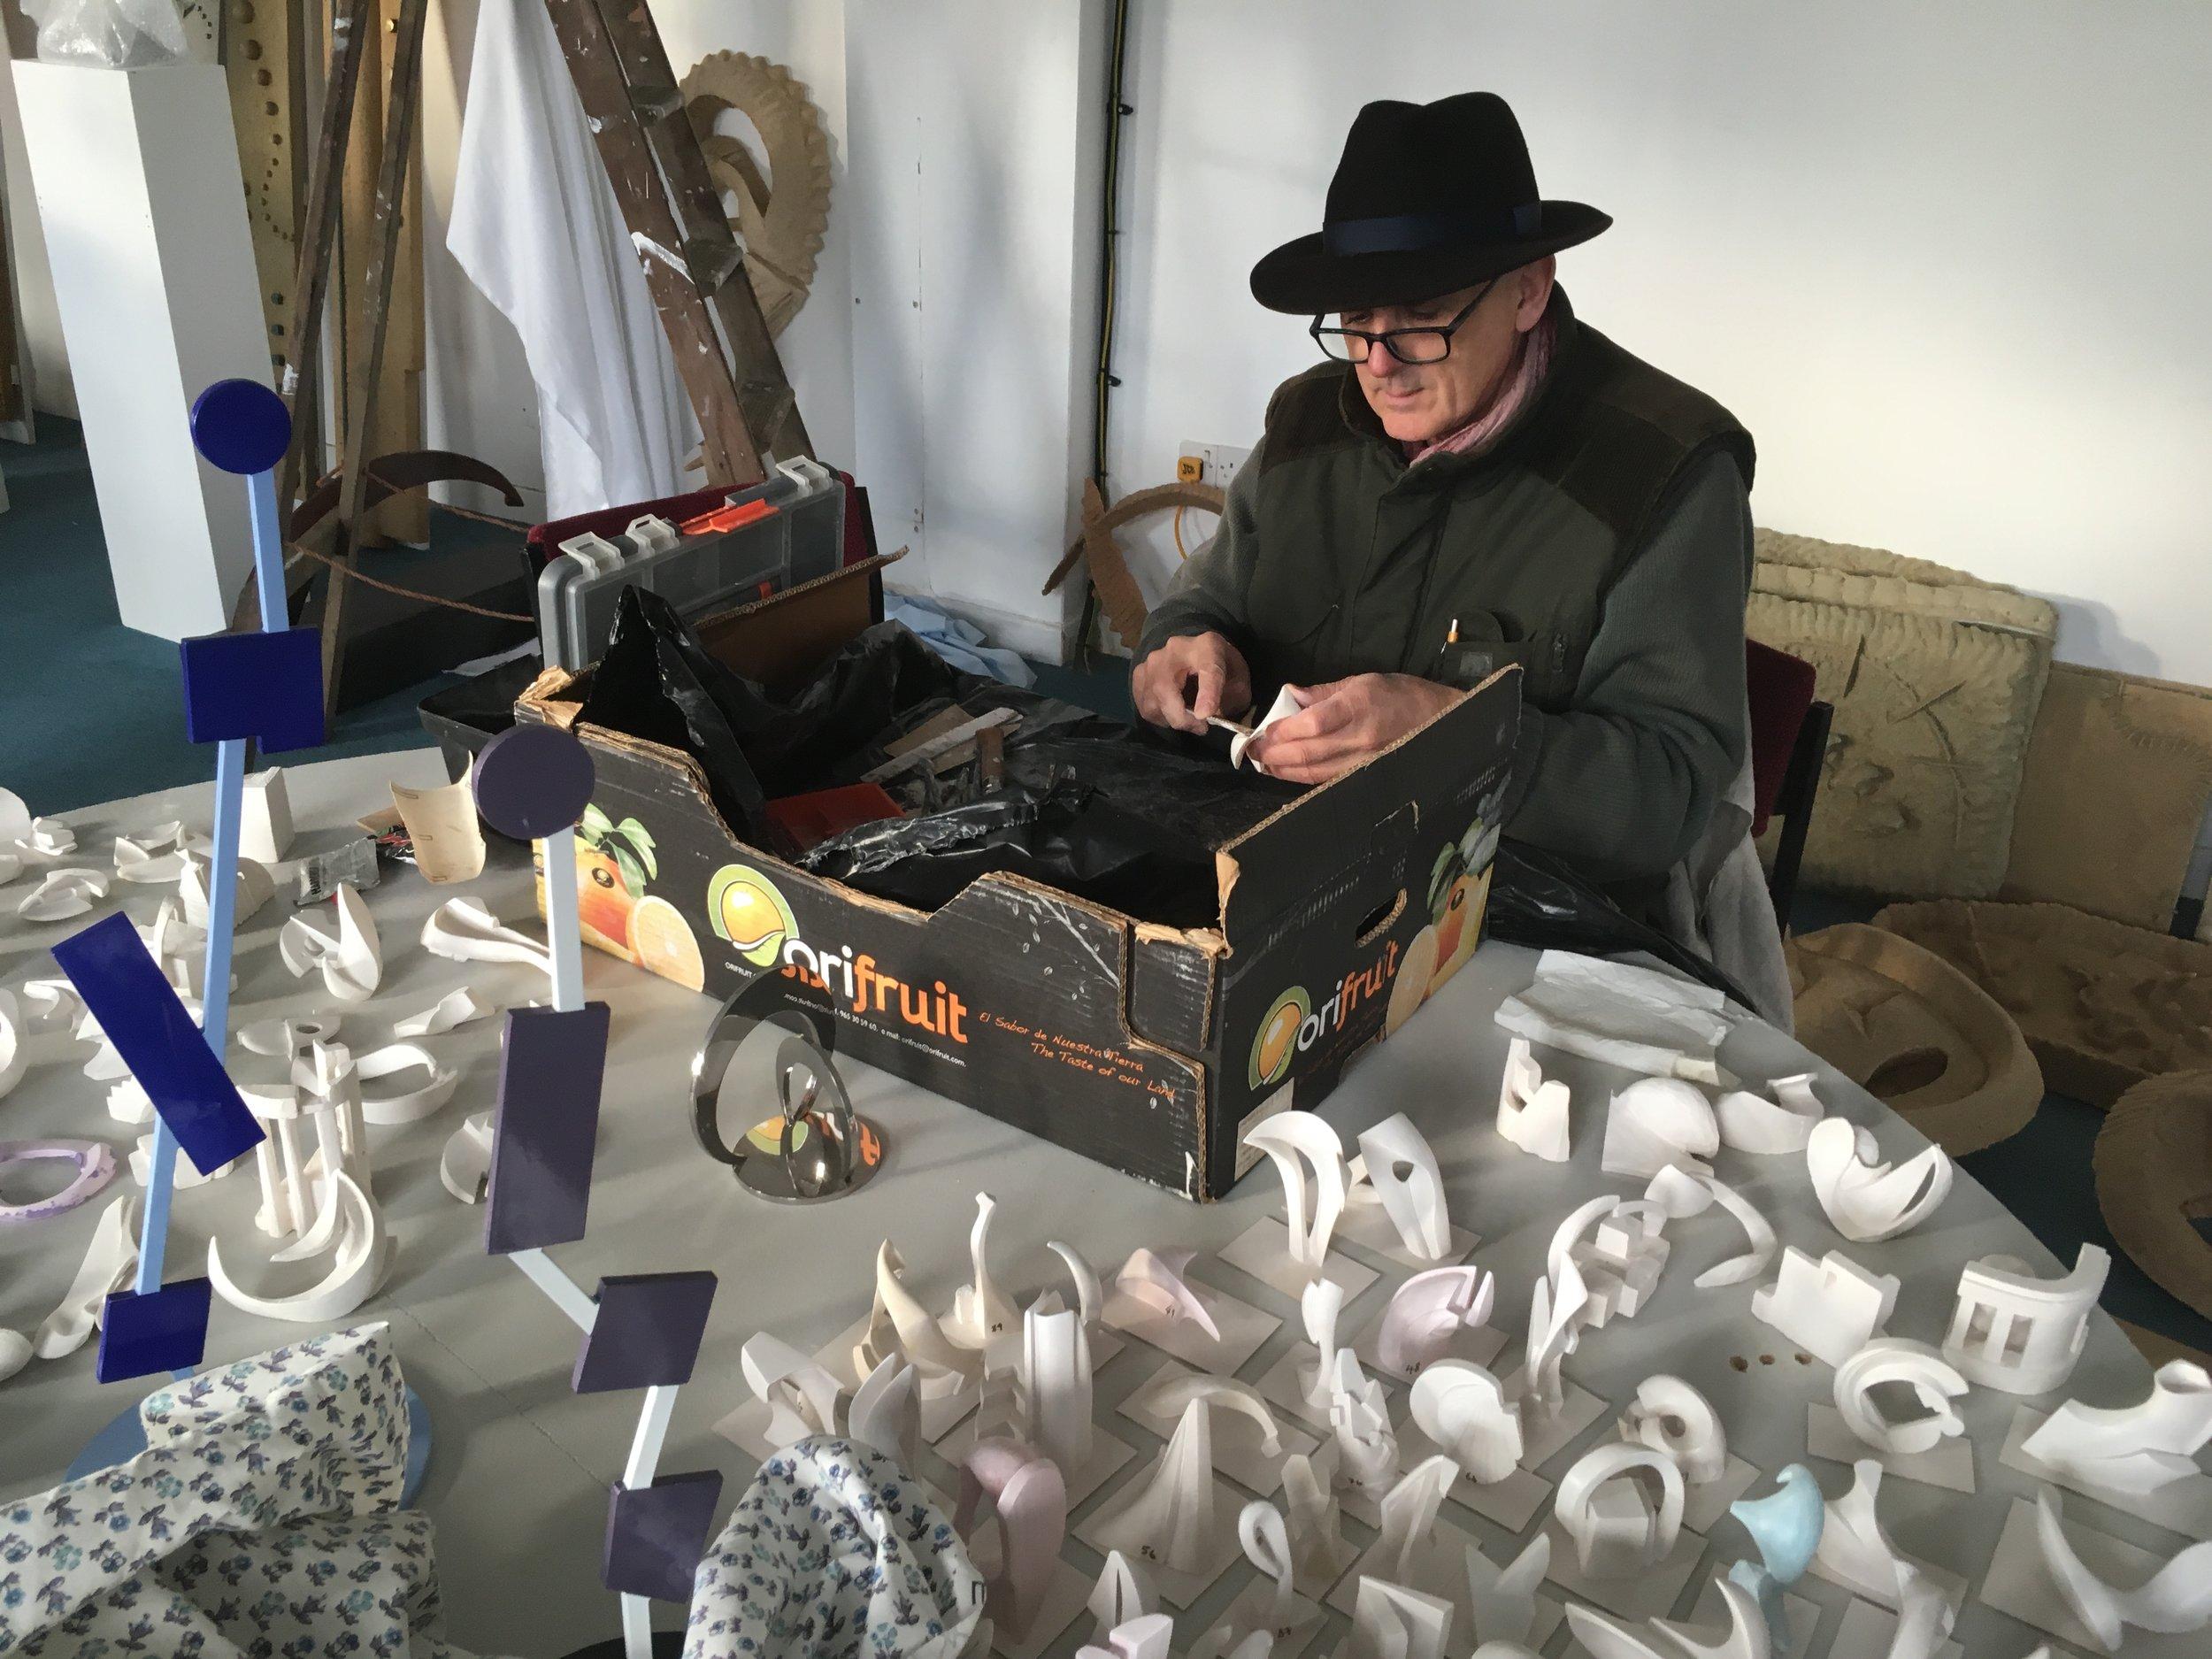 Patrick at work in his studio